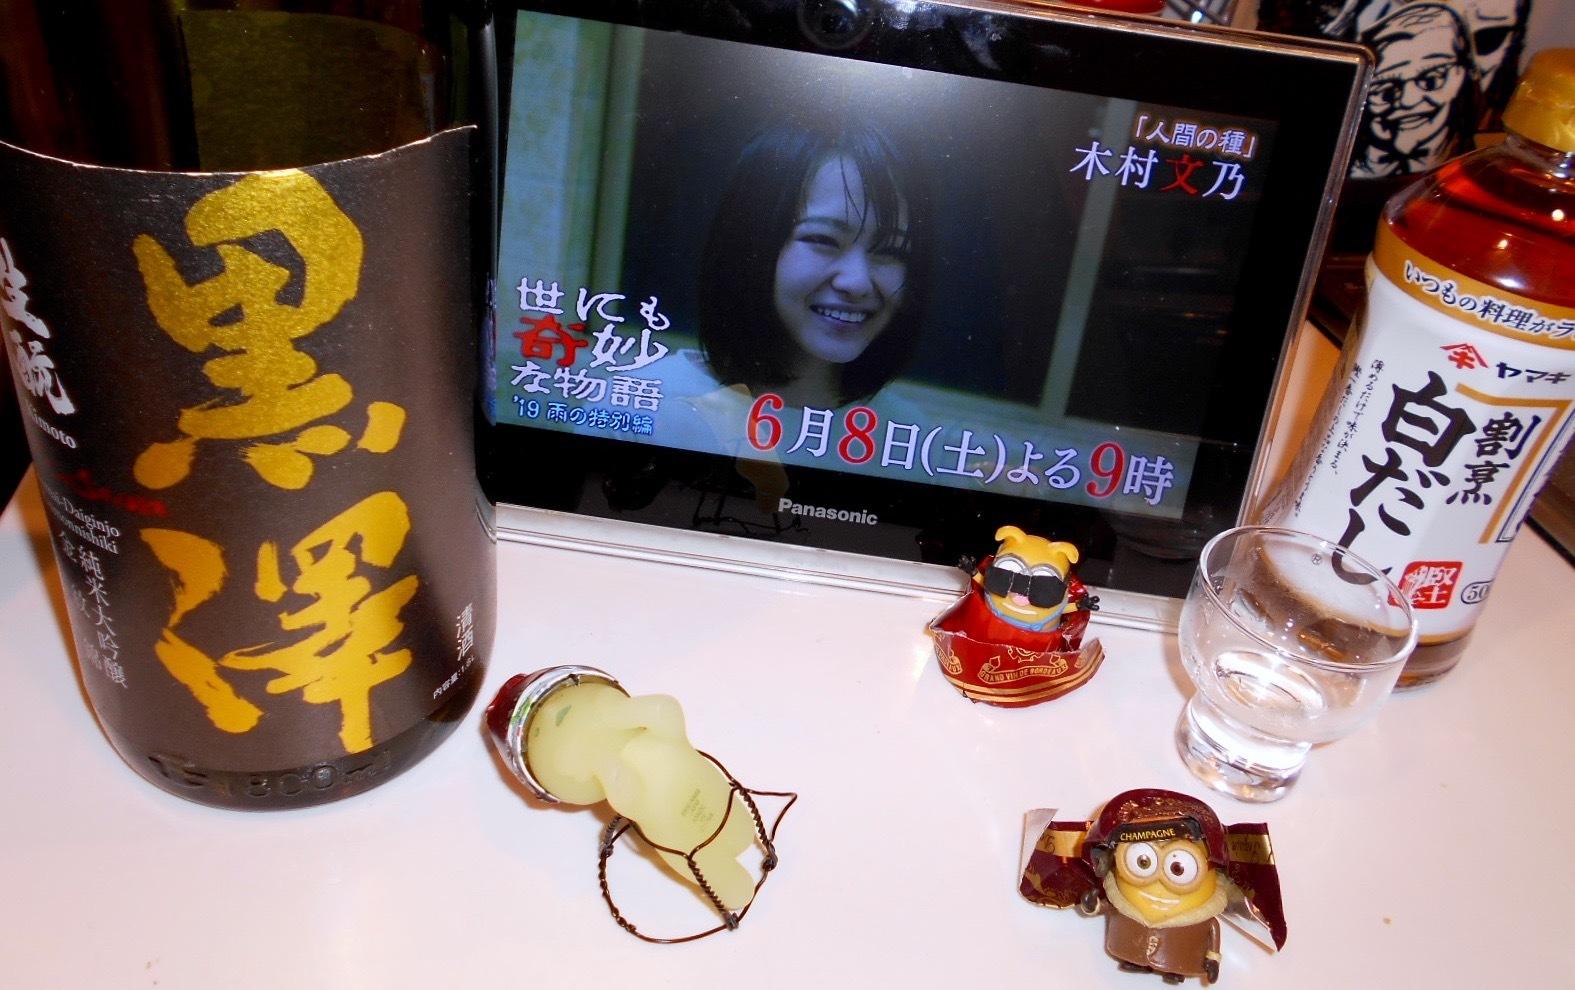 kurosawa_kinmon28by6_10.jpg